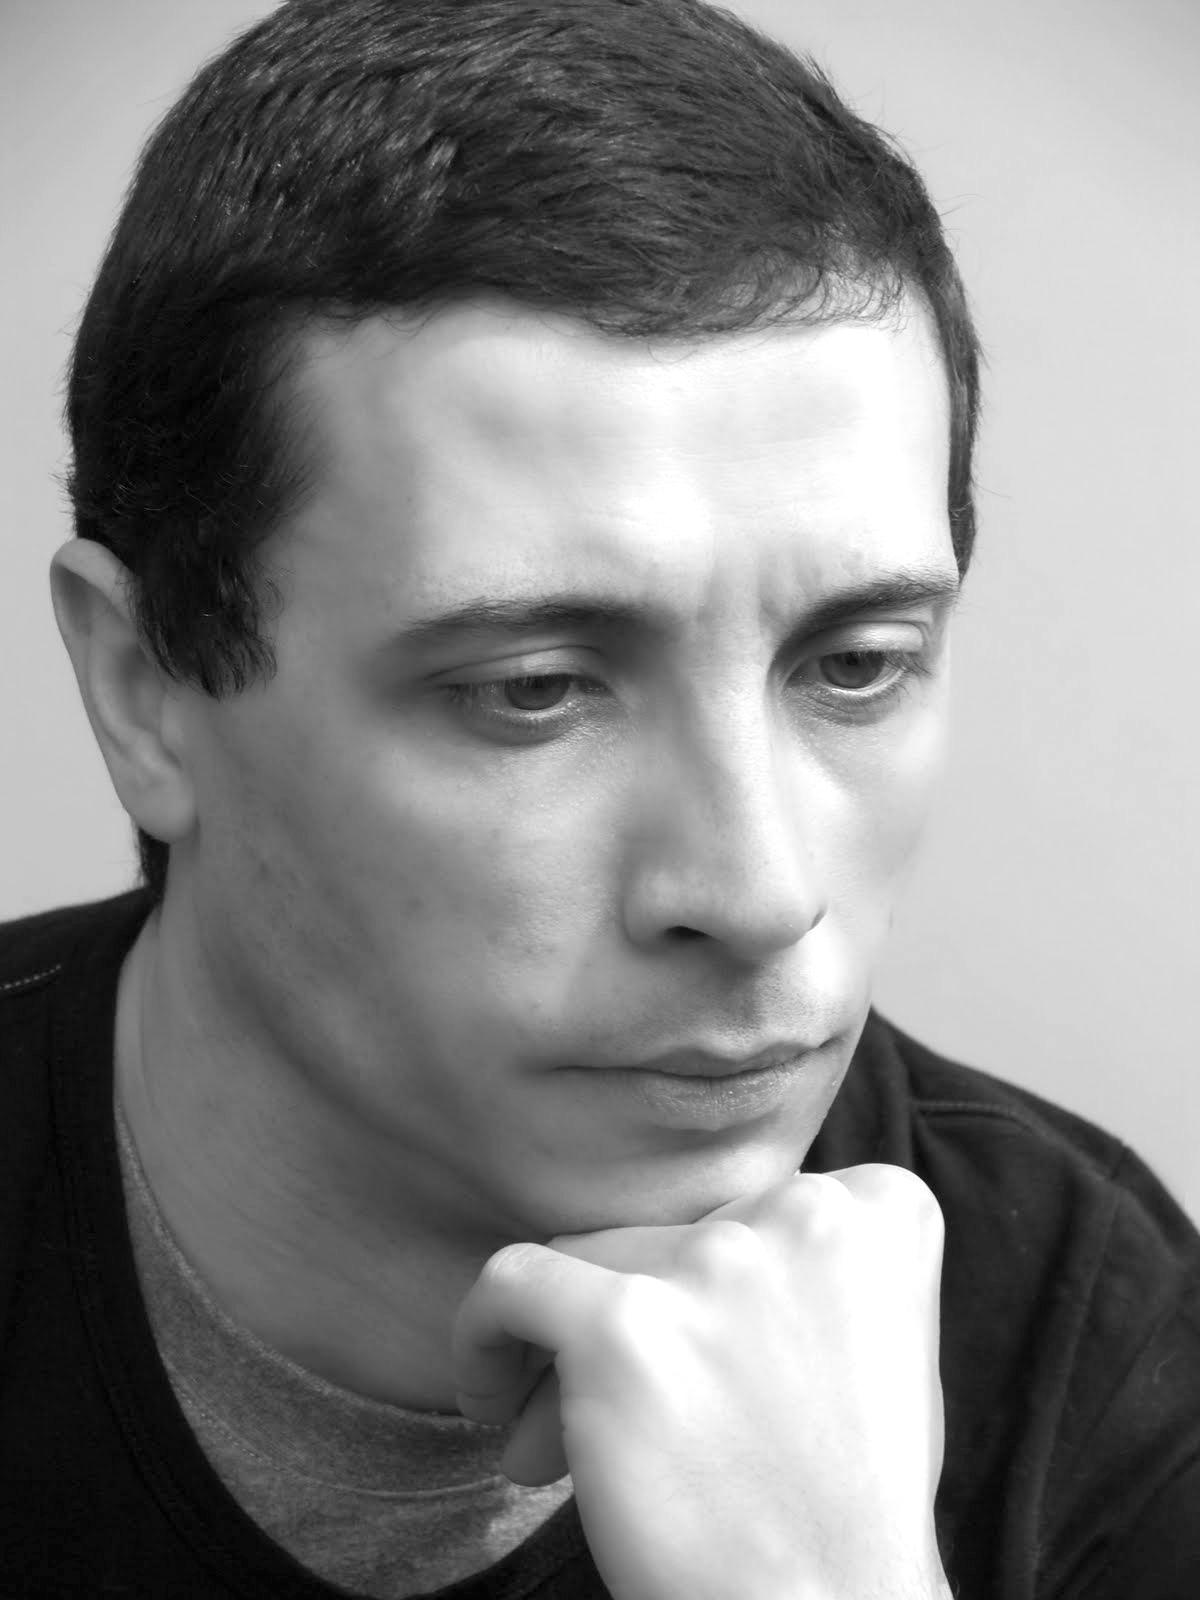 Carlos_Perón_Cano